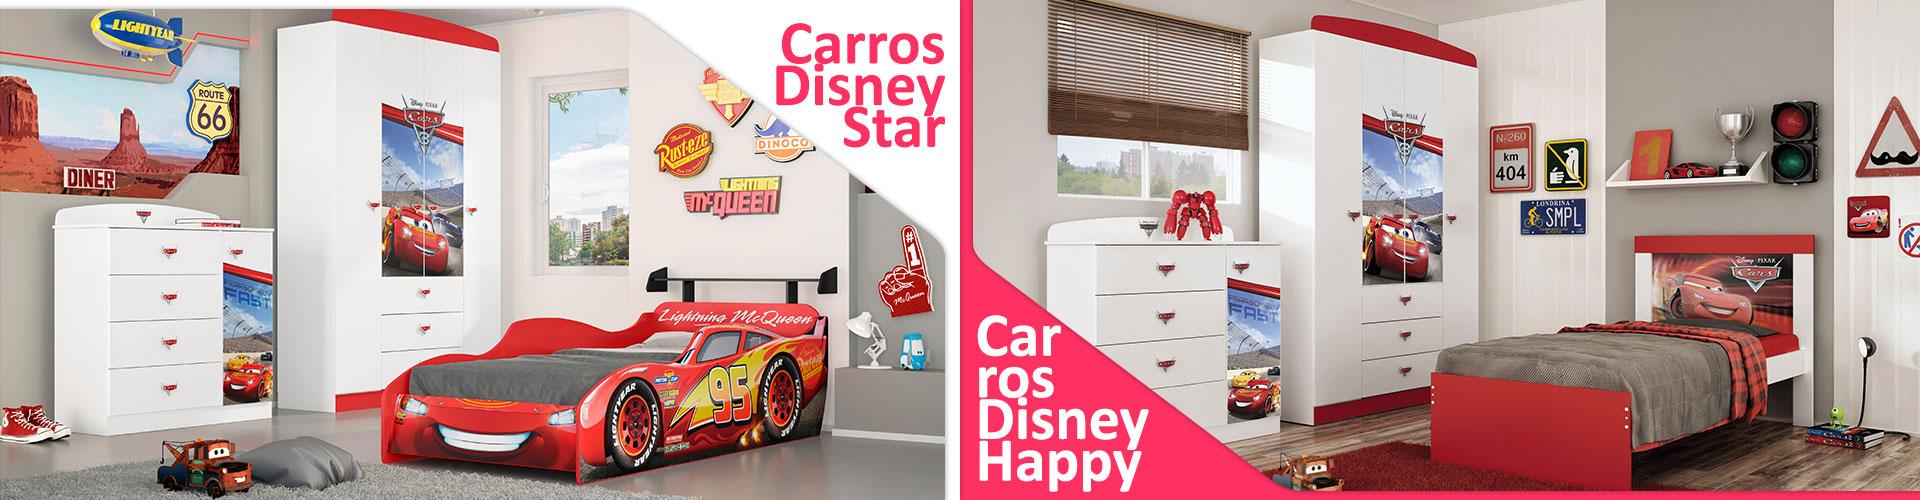 banner_meninos_carros-star_happy